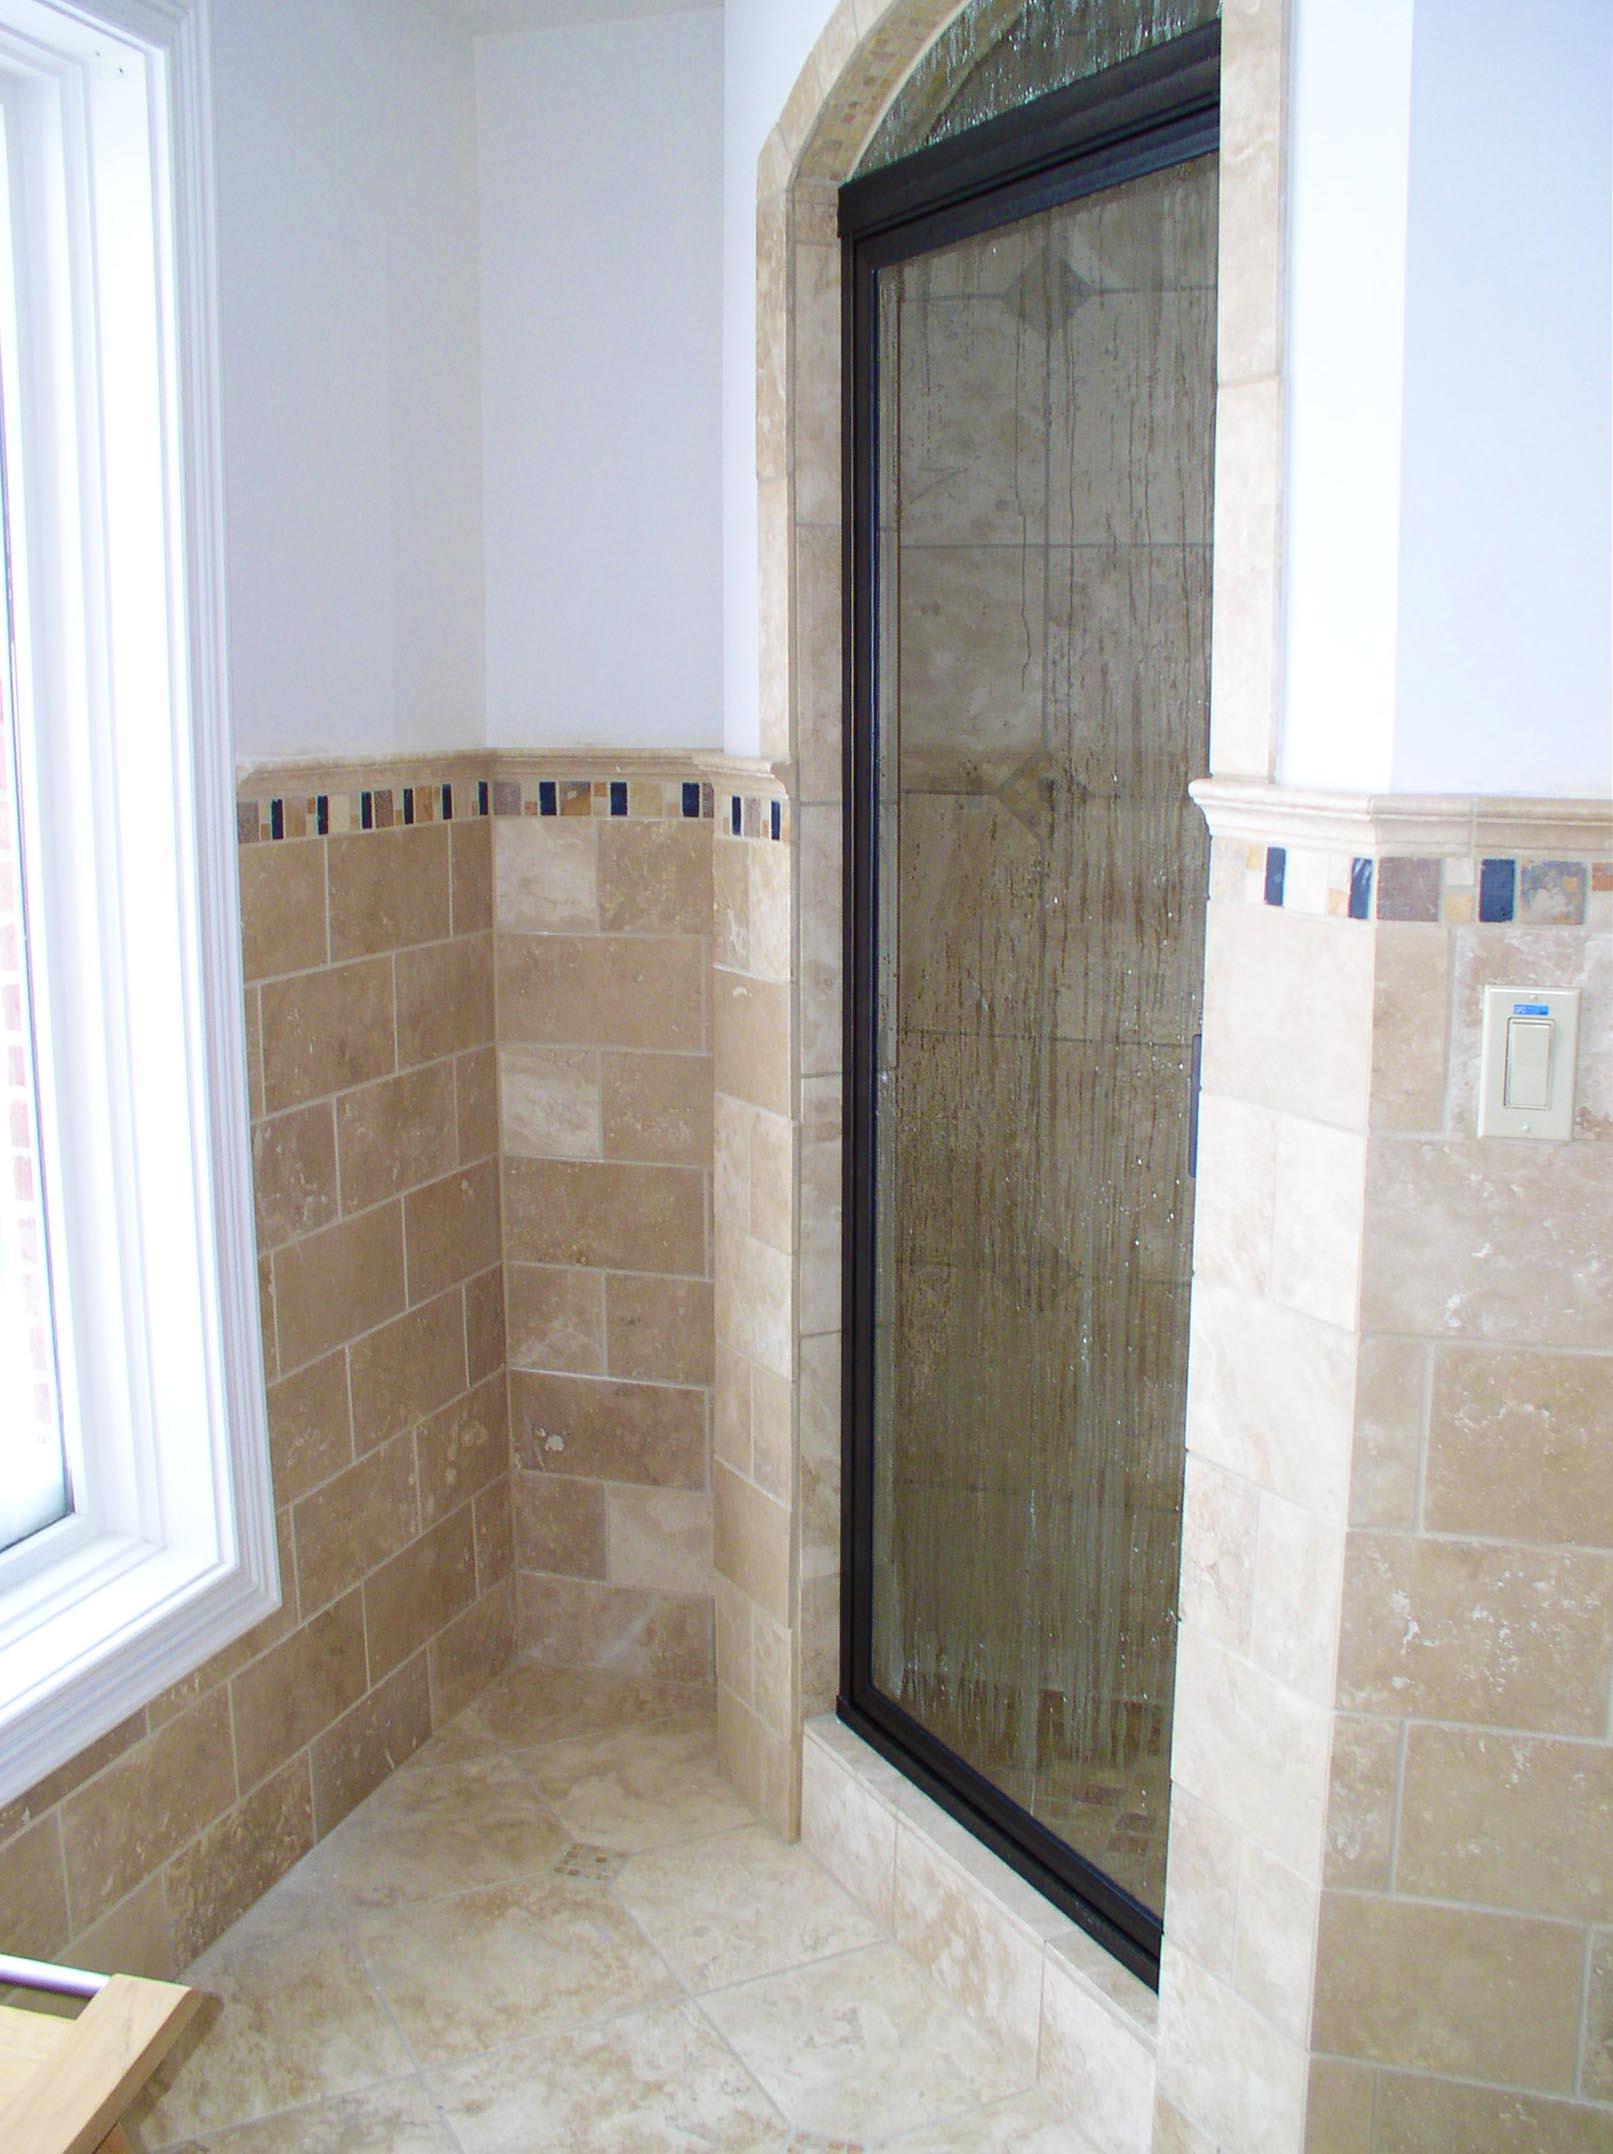 Dgo bathroom steam door .jpg